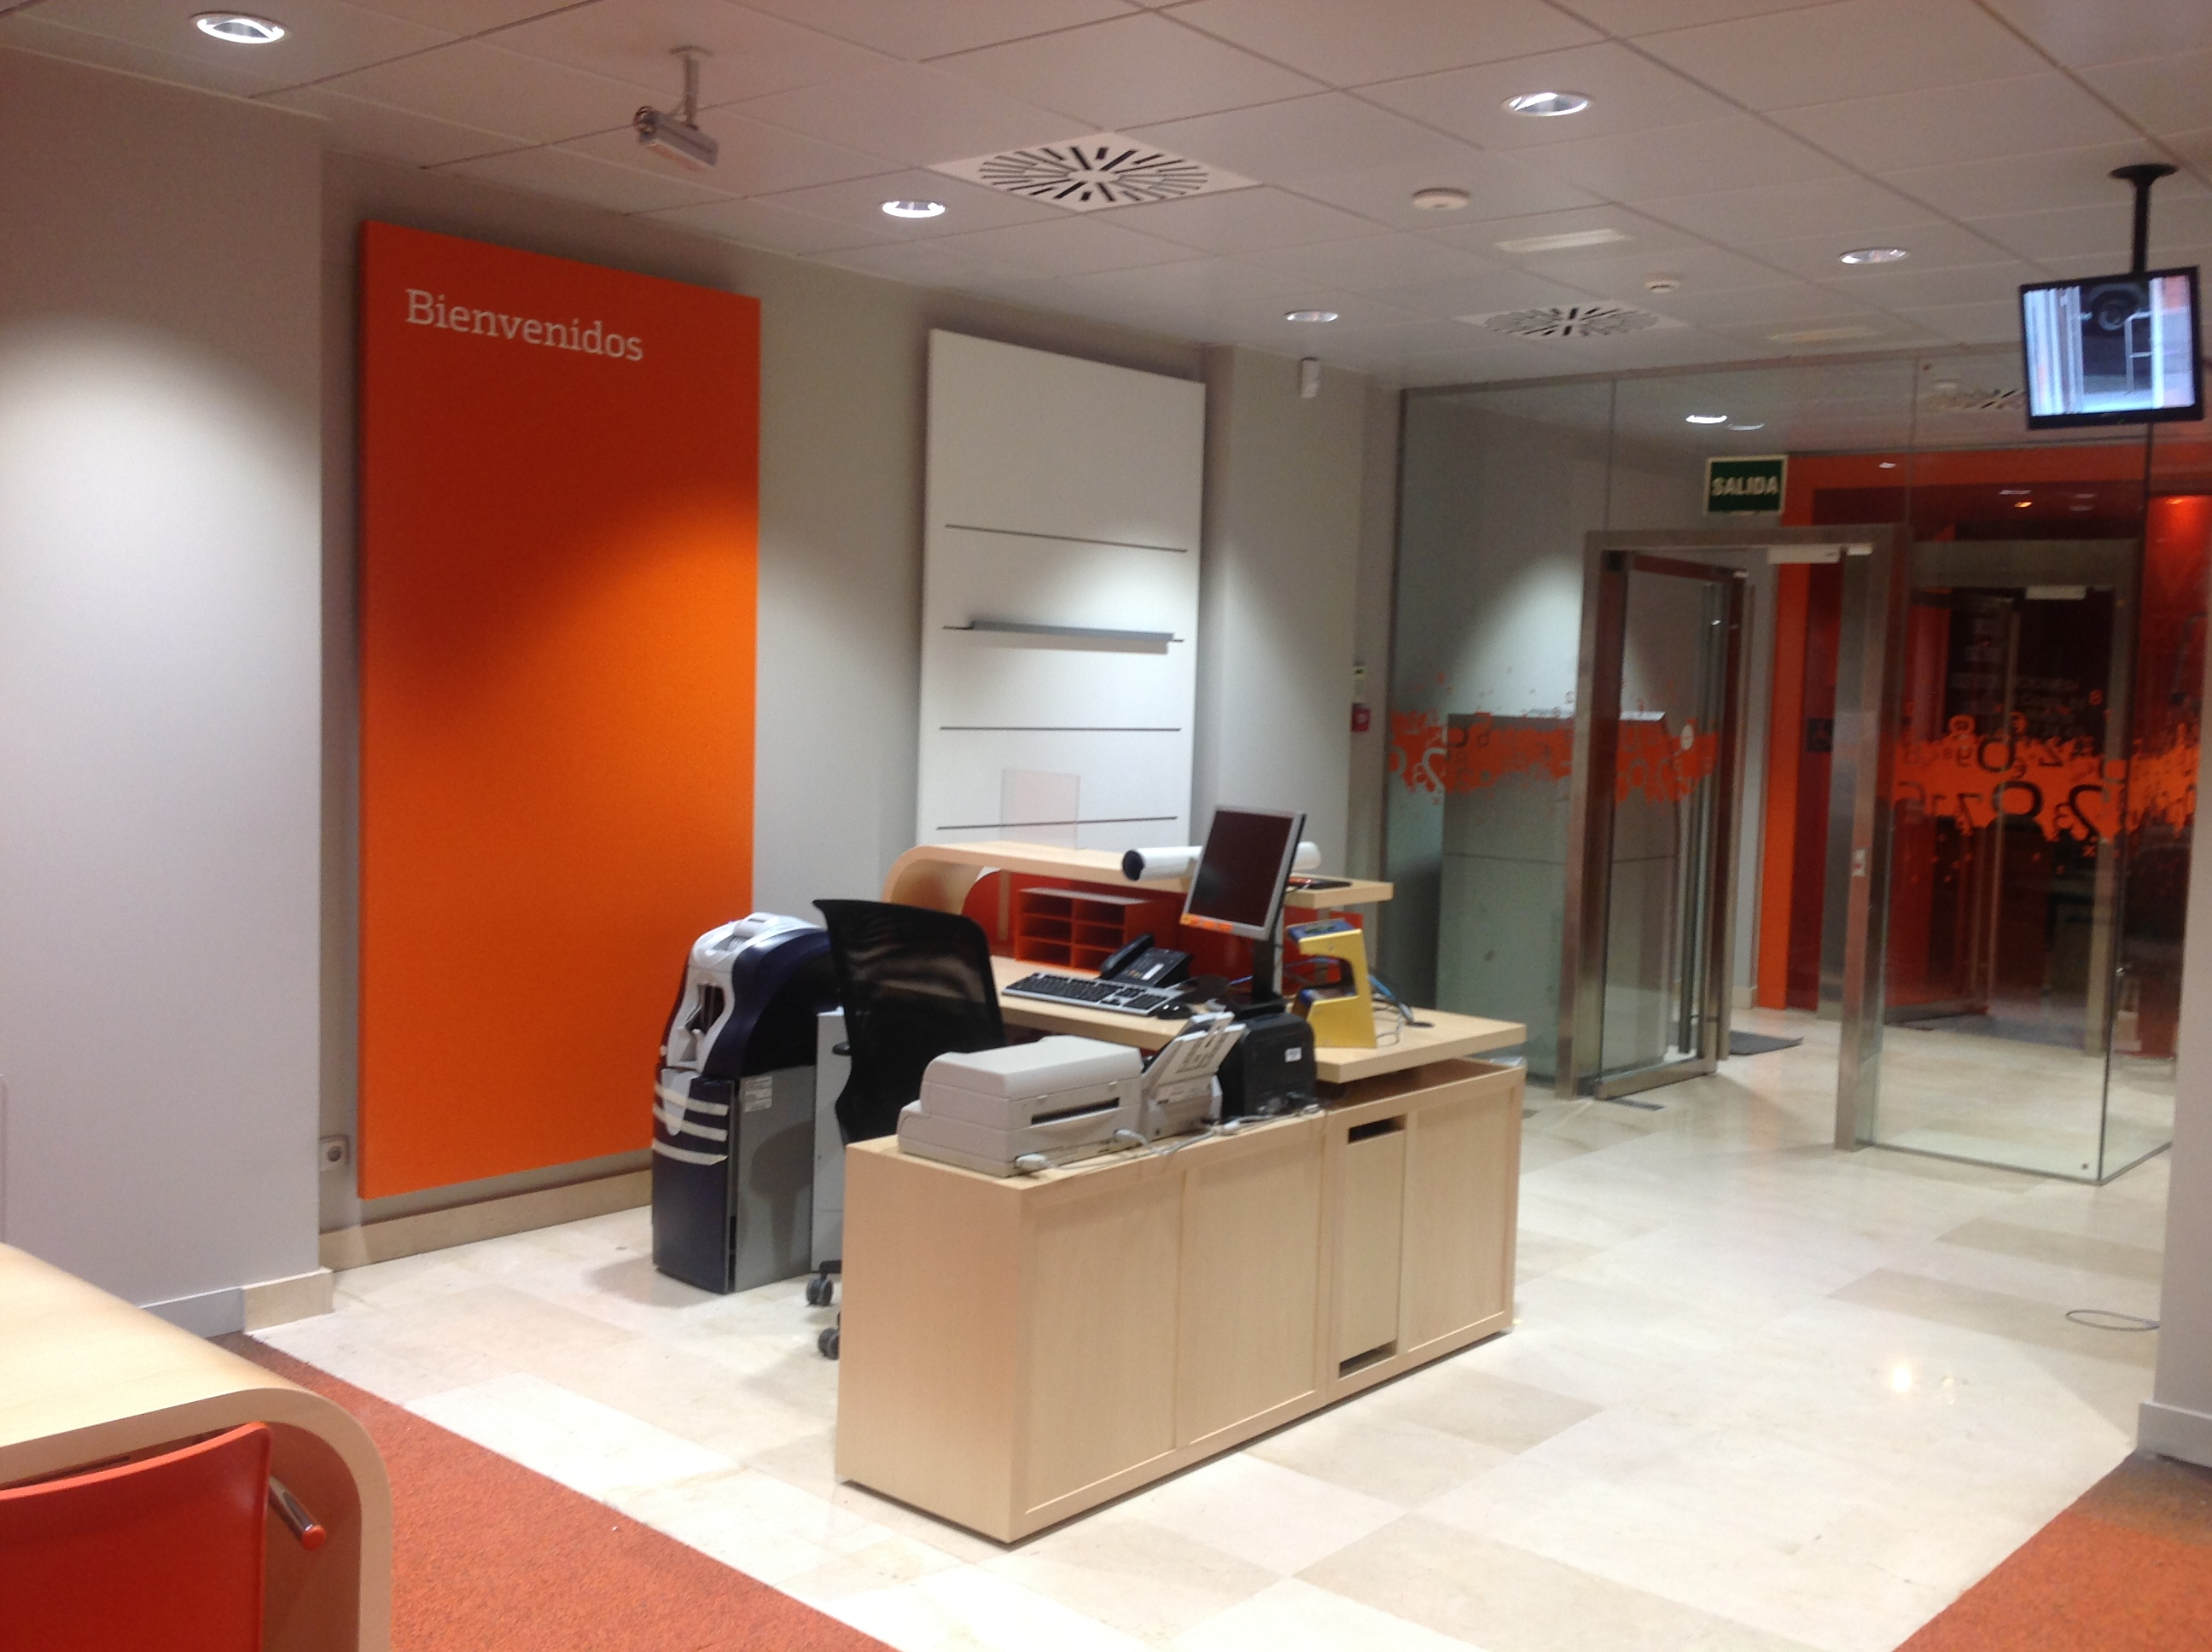 Entrega oficina bankinter ibi bojuna for Oficina virtual bankinter